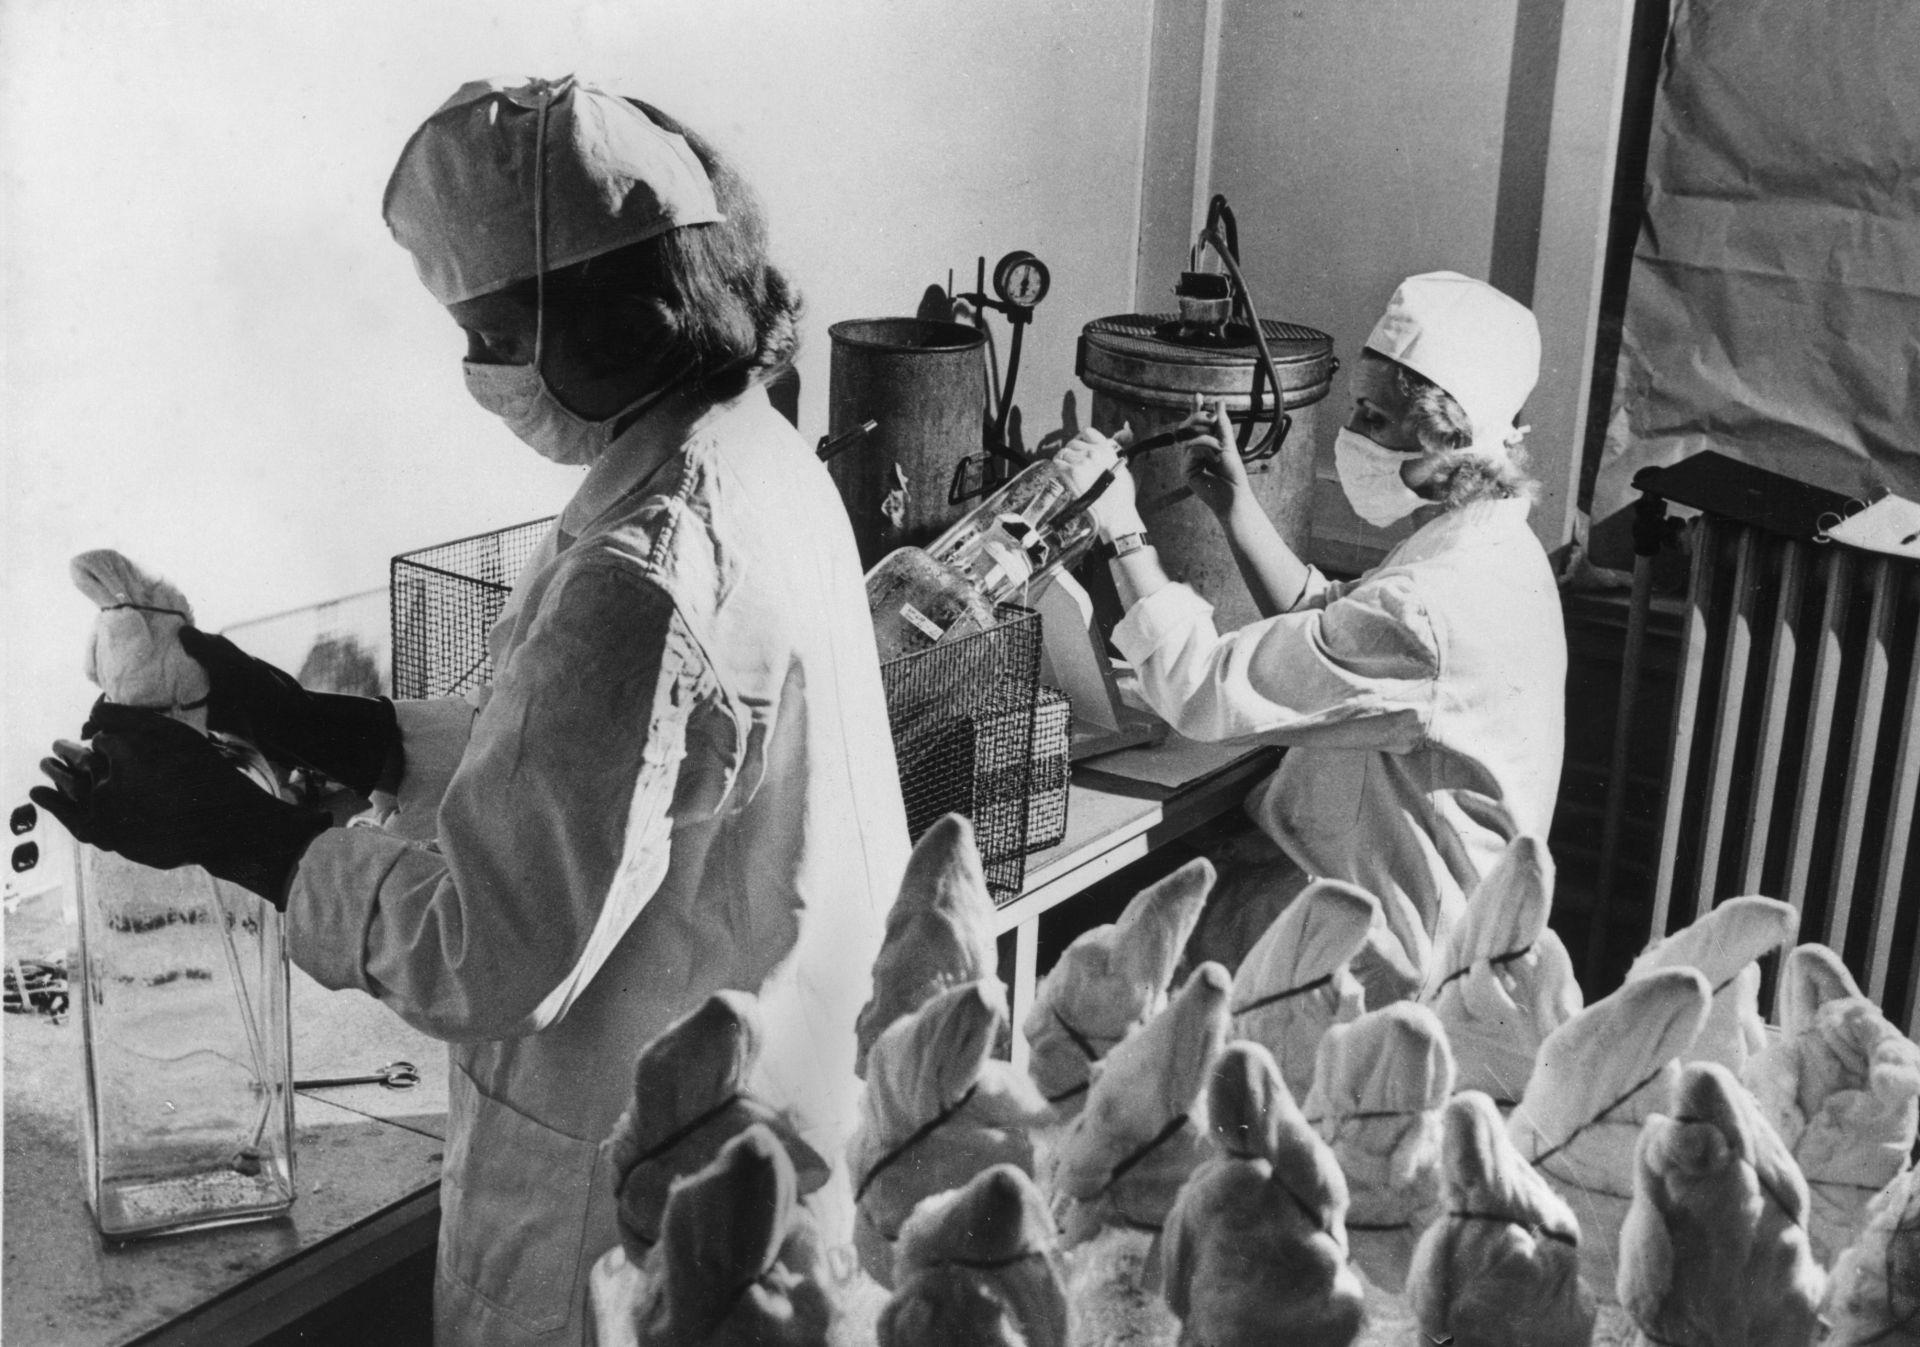 През 1956 година започва масовата ваксинация на деца